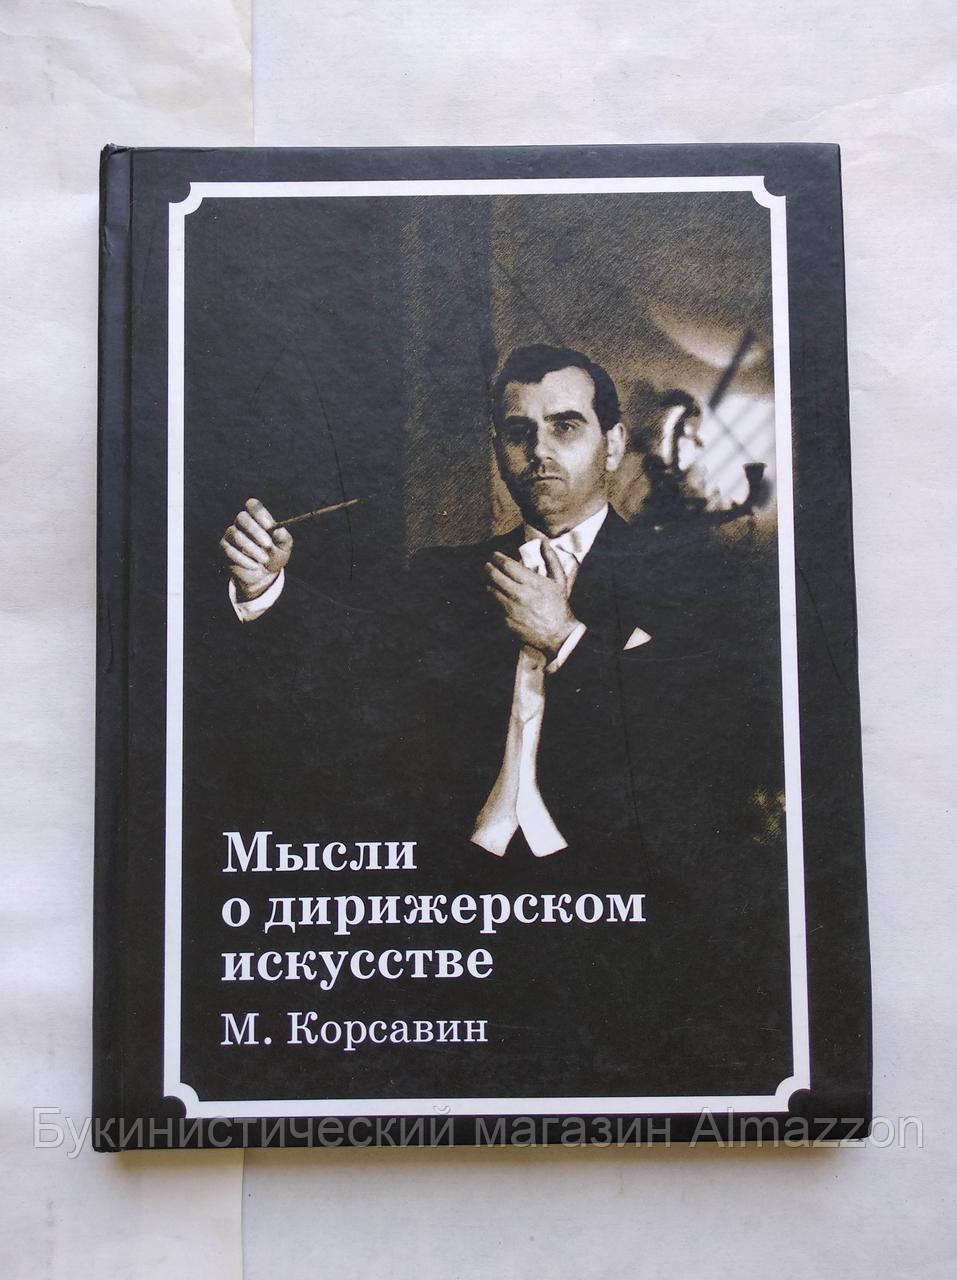 М.Корсавин Мысли о дирижерском искусстве